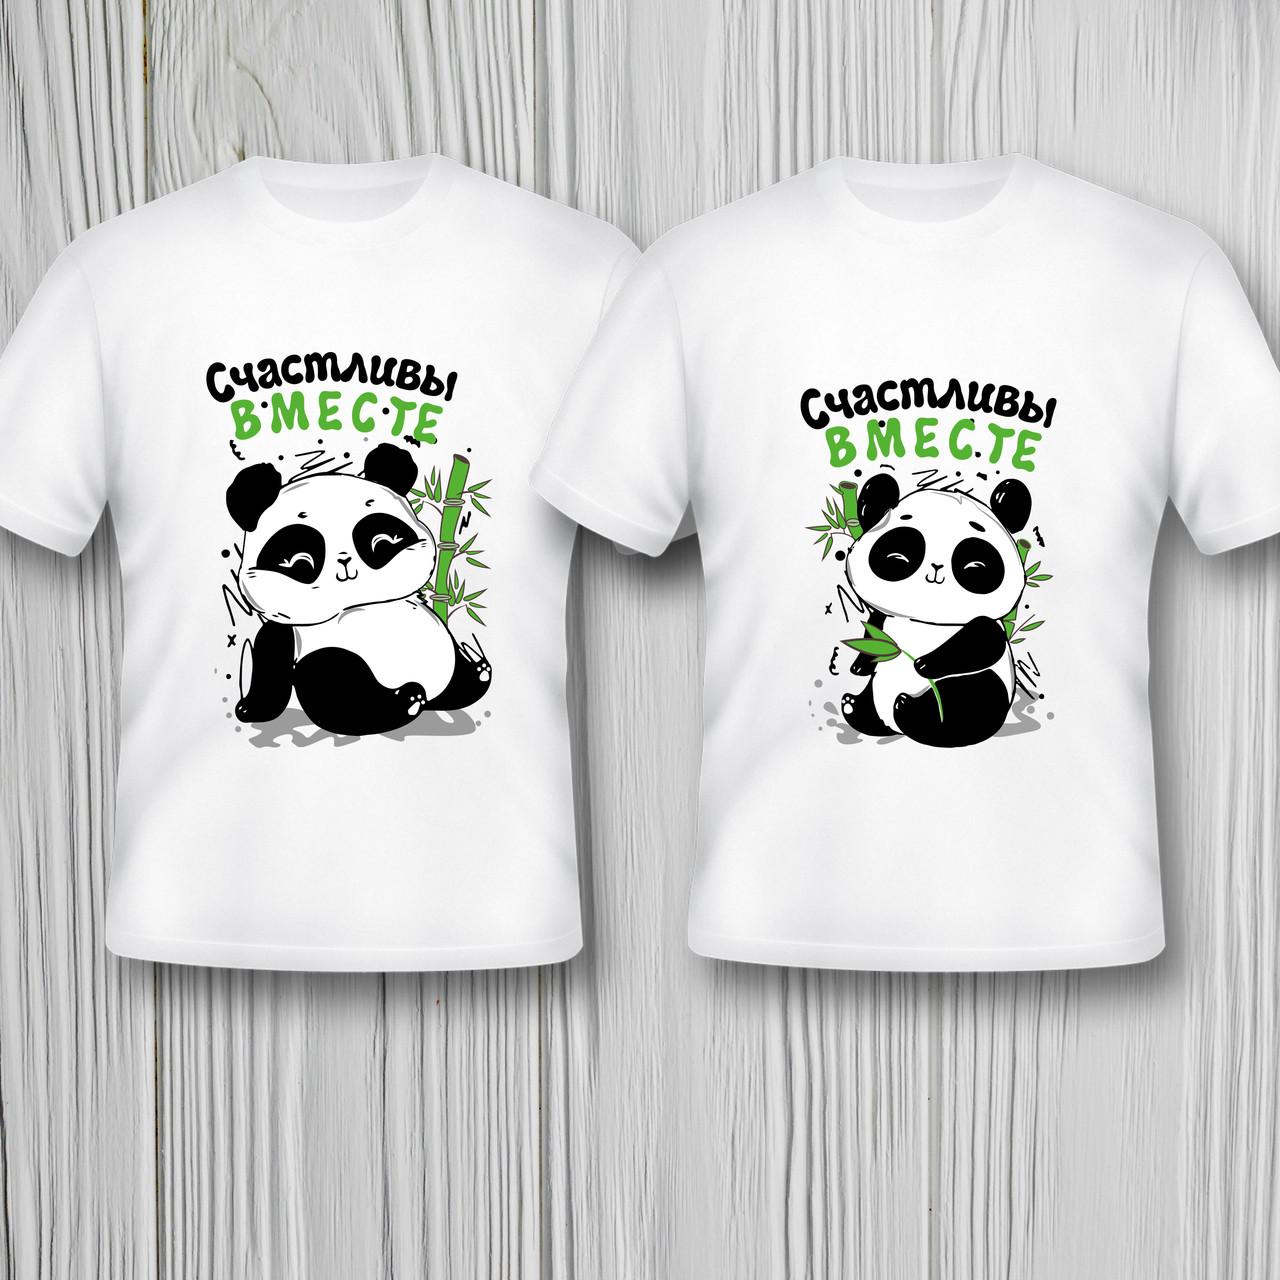 """Парные футболки с принтом """"Счастливы вместе: Панды"""" Push IT"""